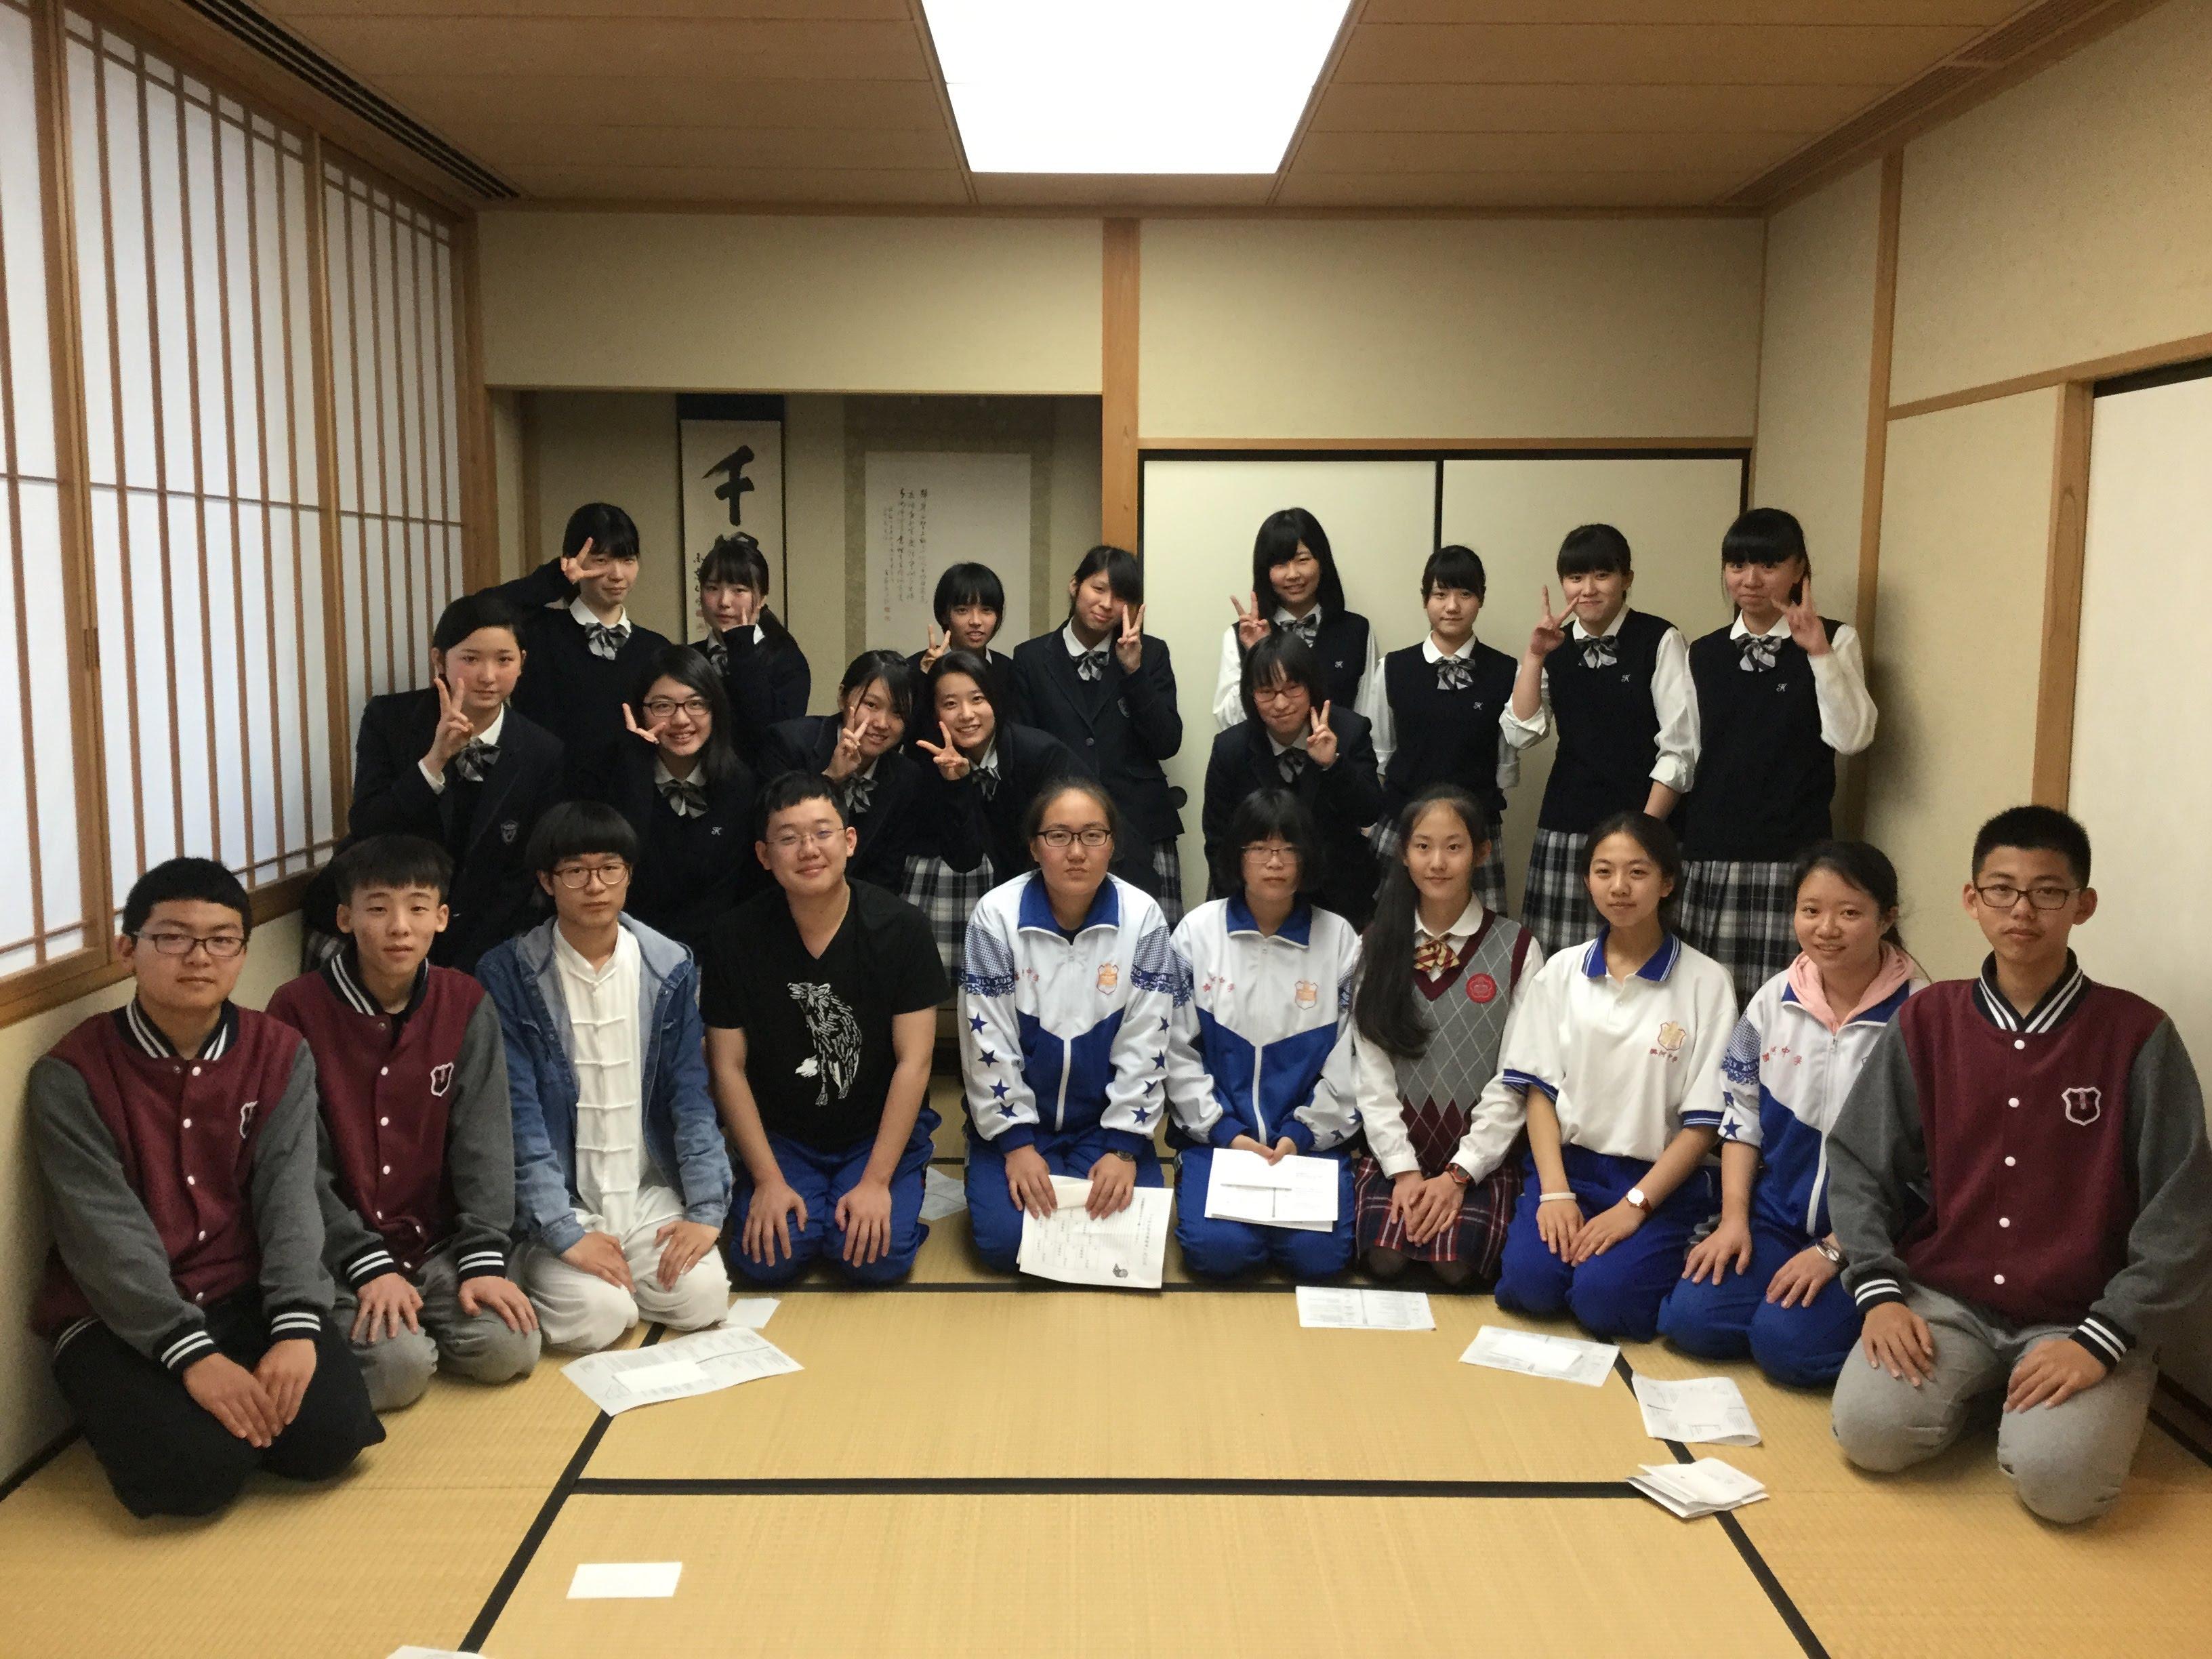 富山 国際 大学 富山国際大学 - 北陸大学野球連盟